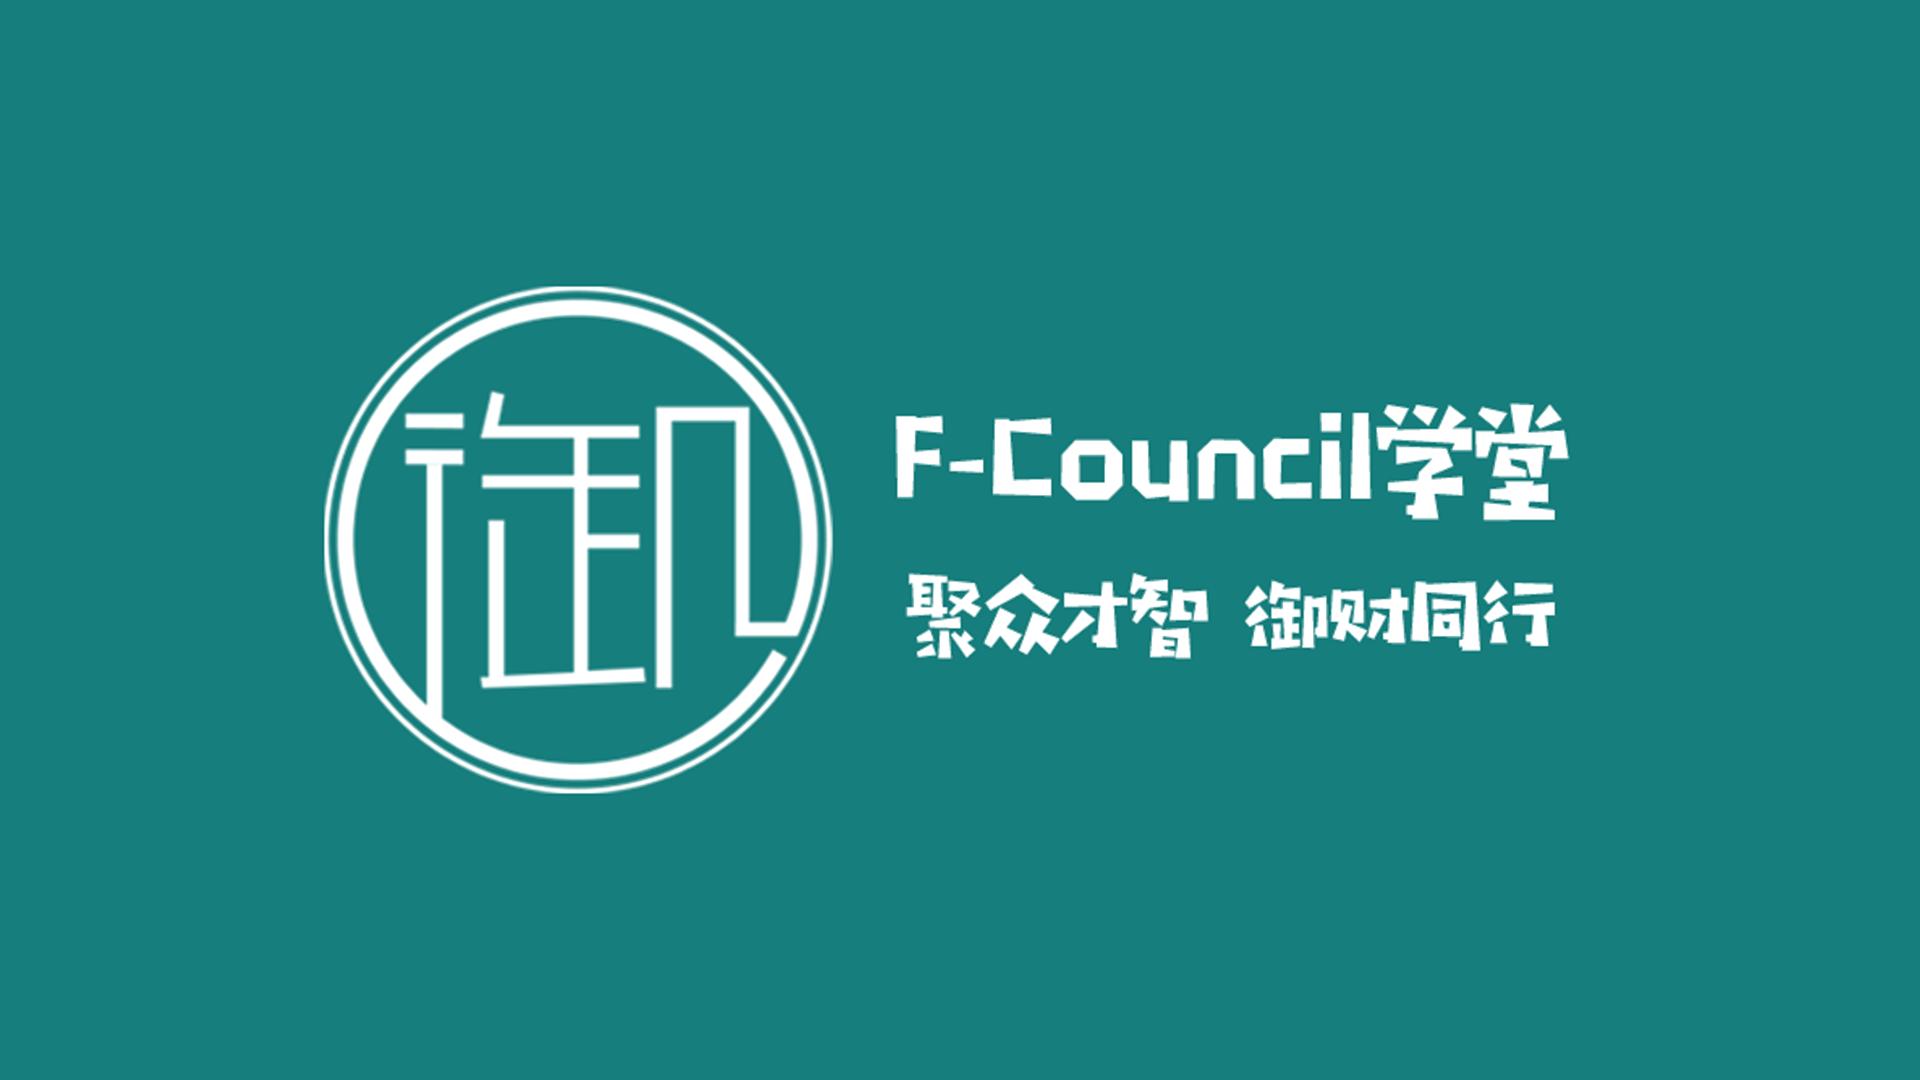 研发费用加计扣除财税指引【CMA证书CPE学分1.5分】